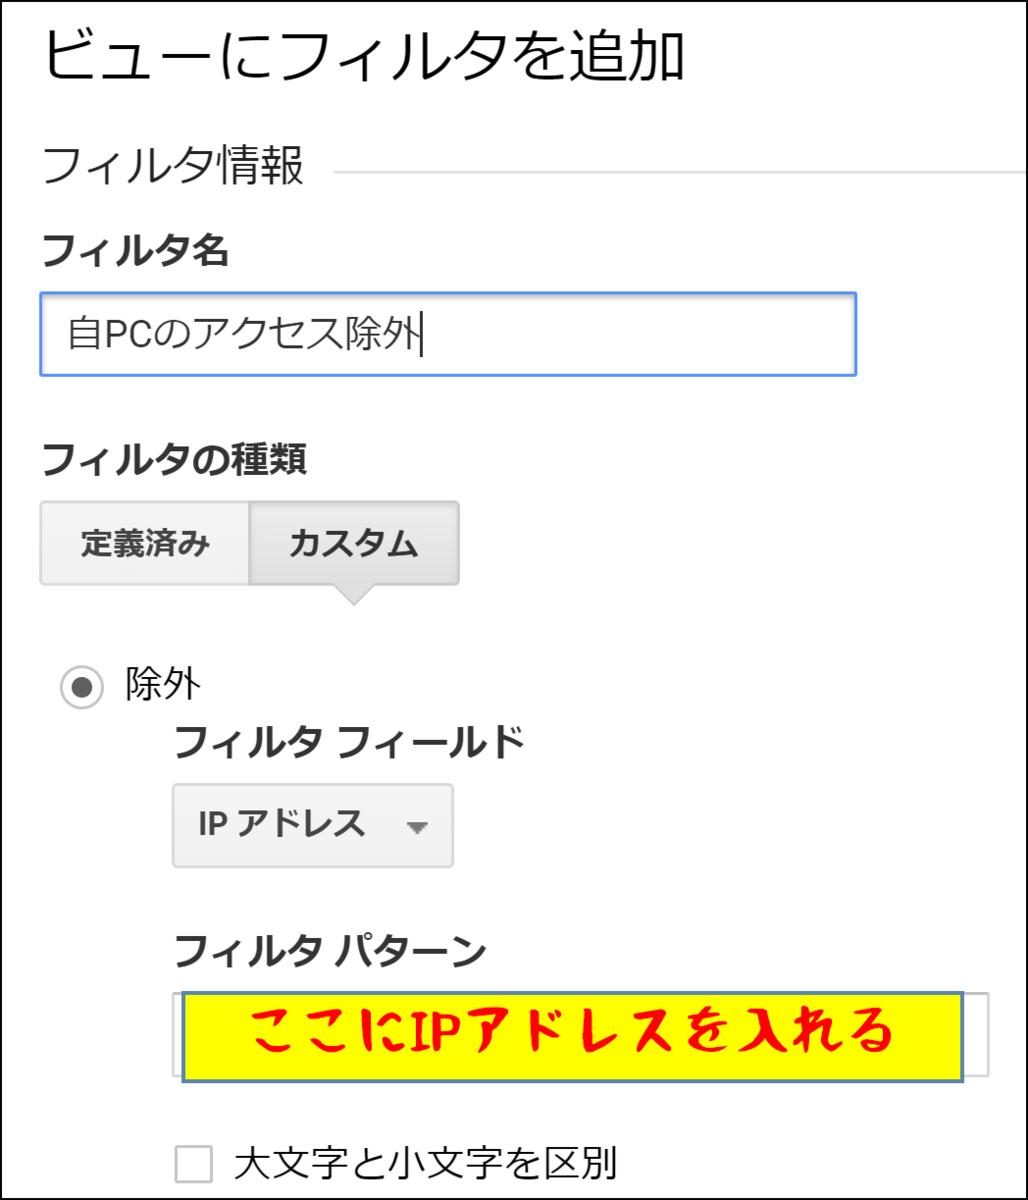 f:id:naru443:20200624215206p:plain